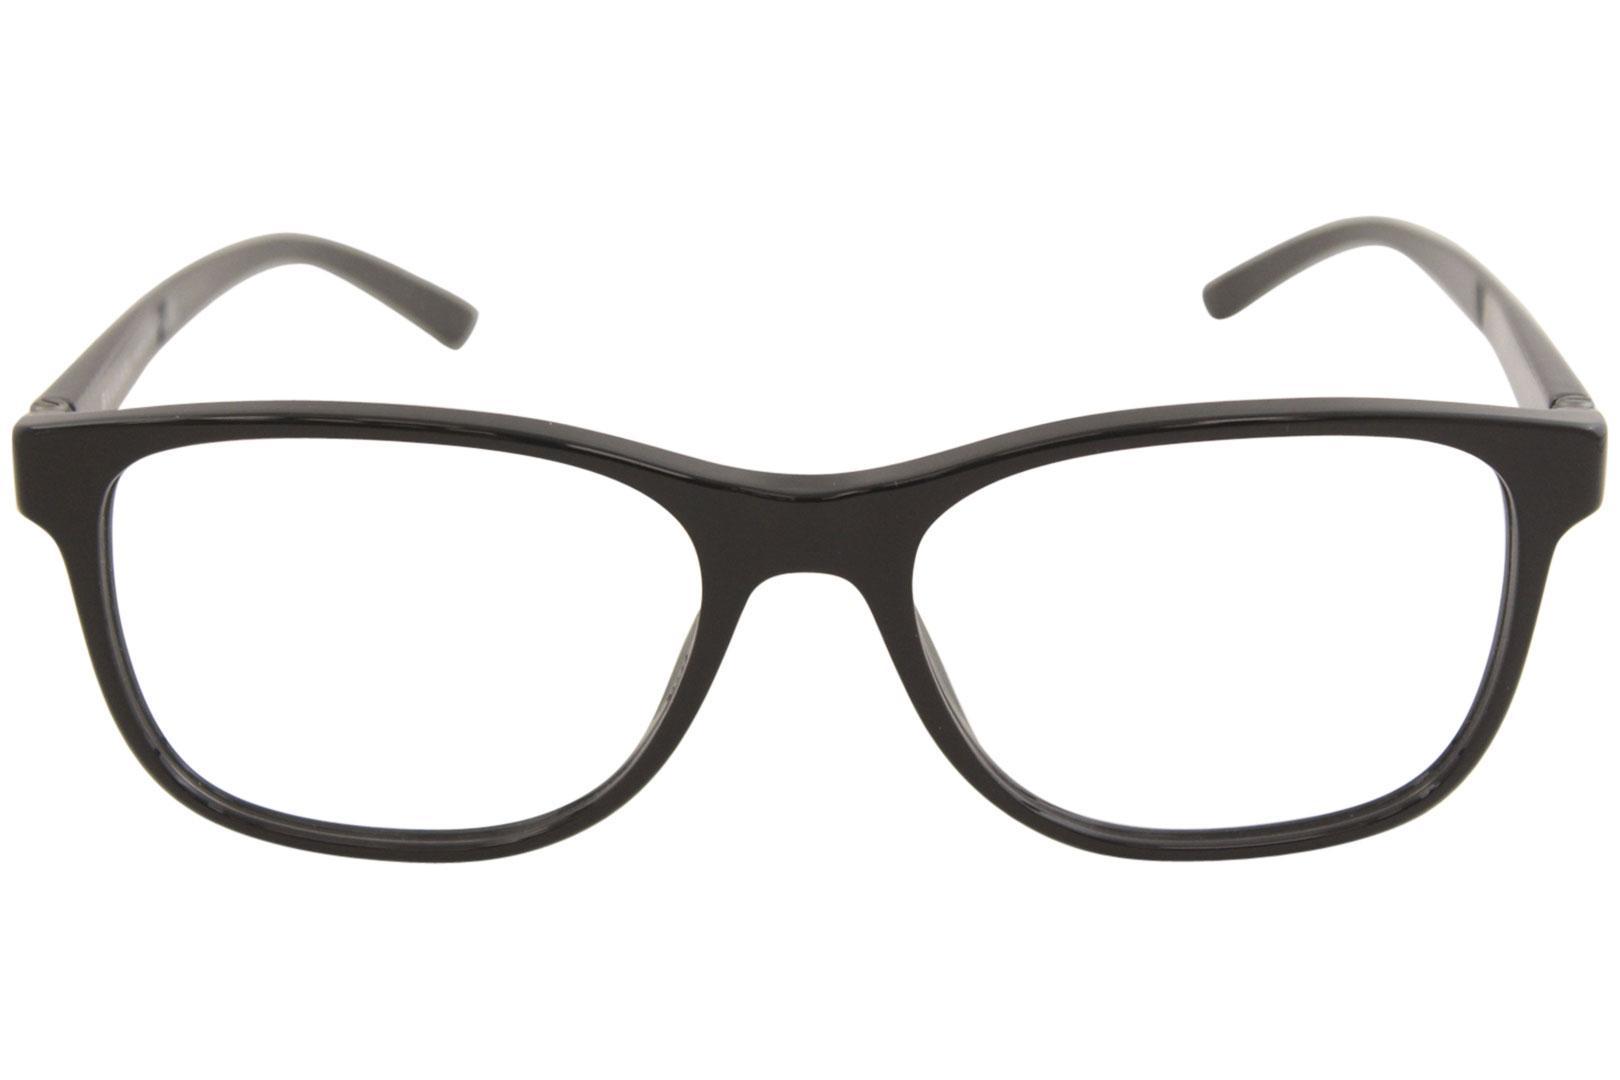 75e4979ca7 Bvlgari Men s Eyeglasses BV3036 BV 3036 Full Rim Optical Frame